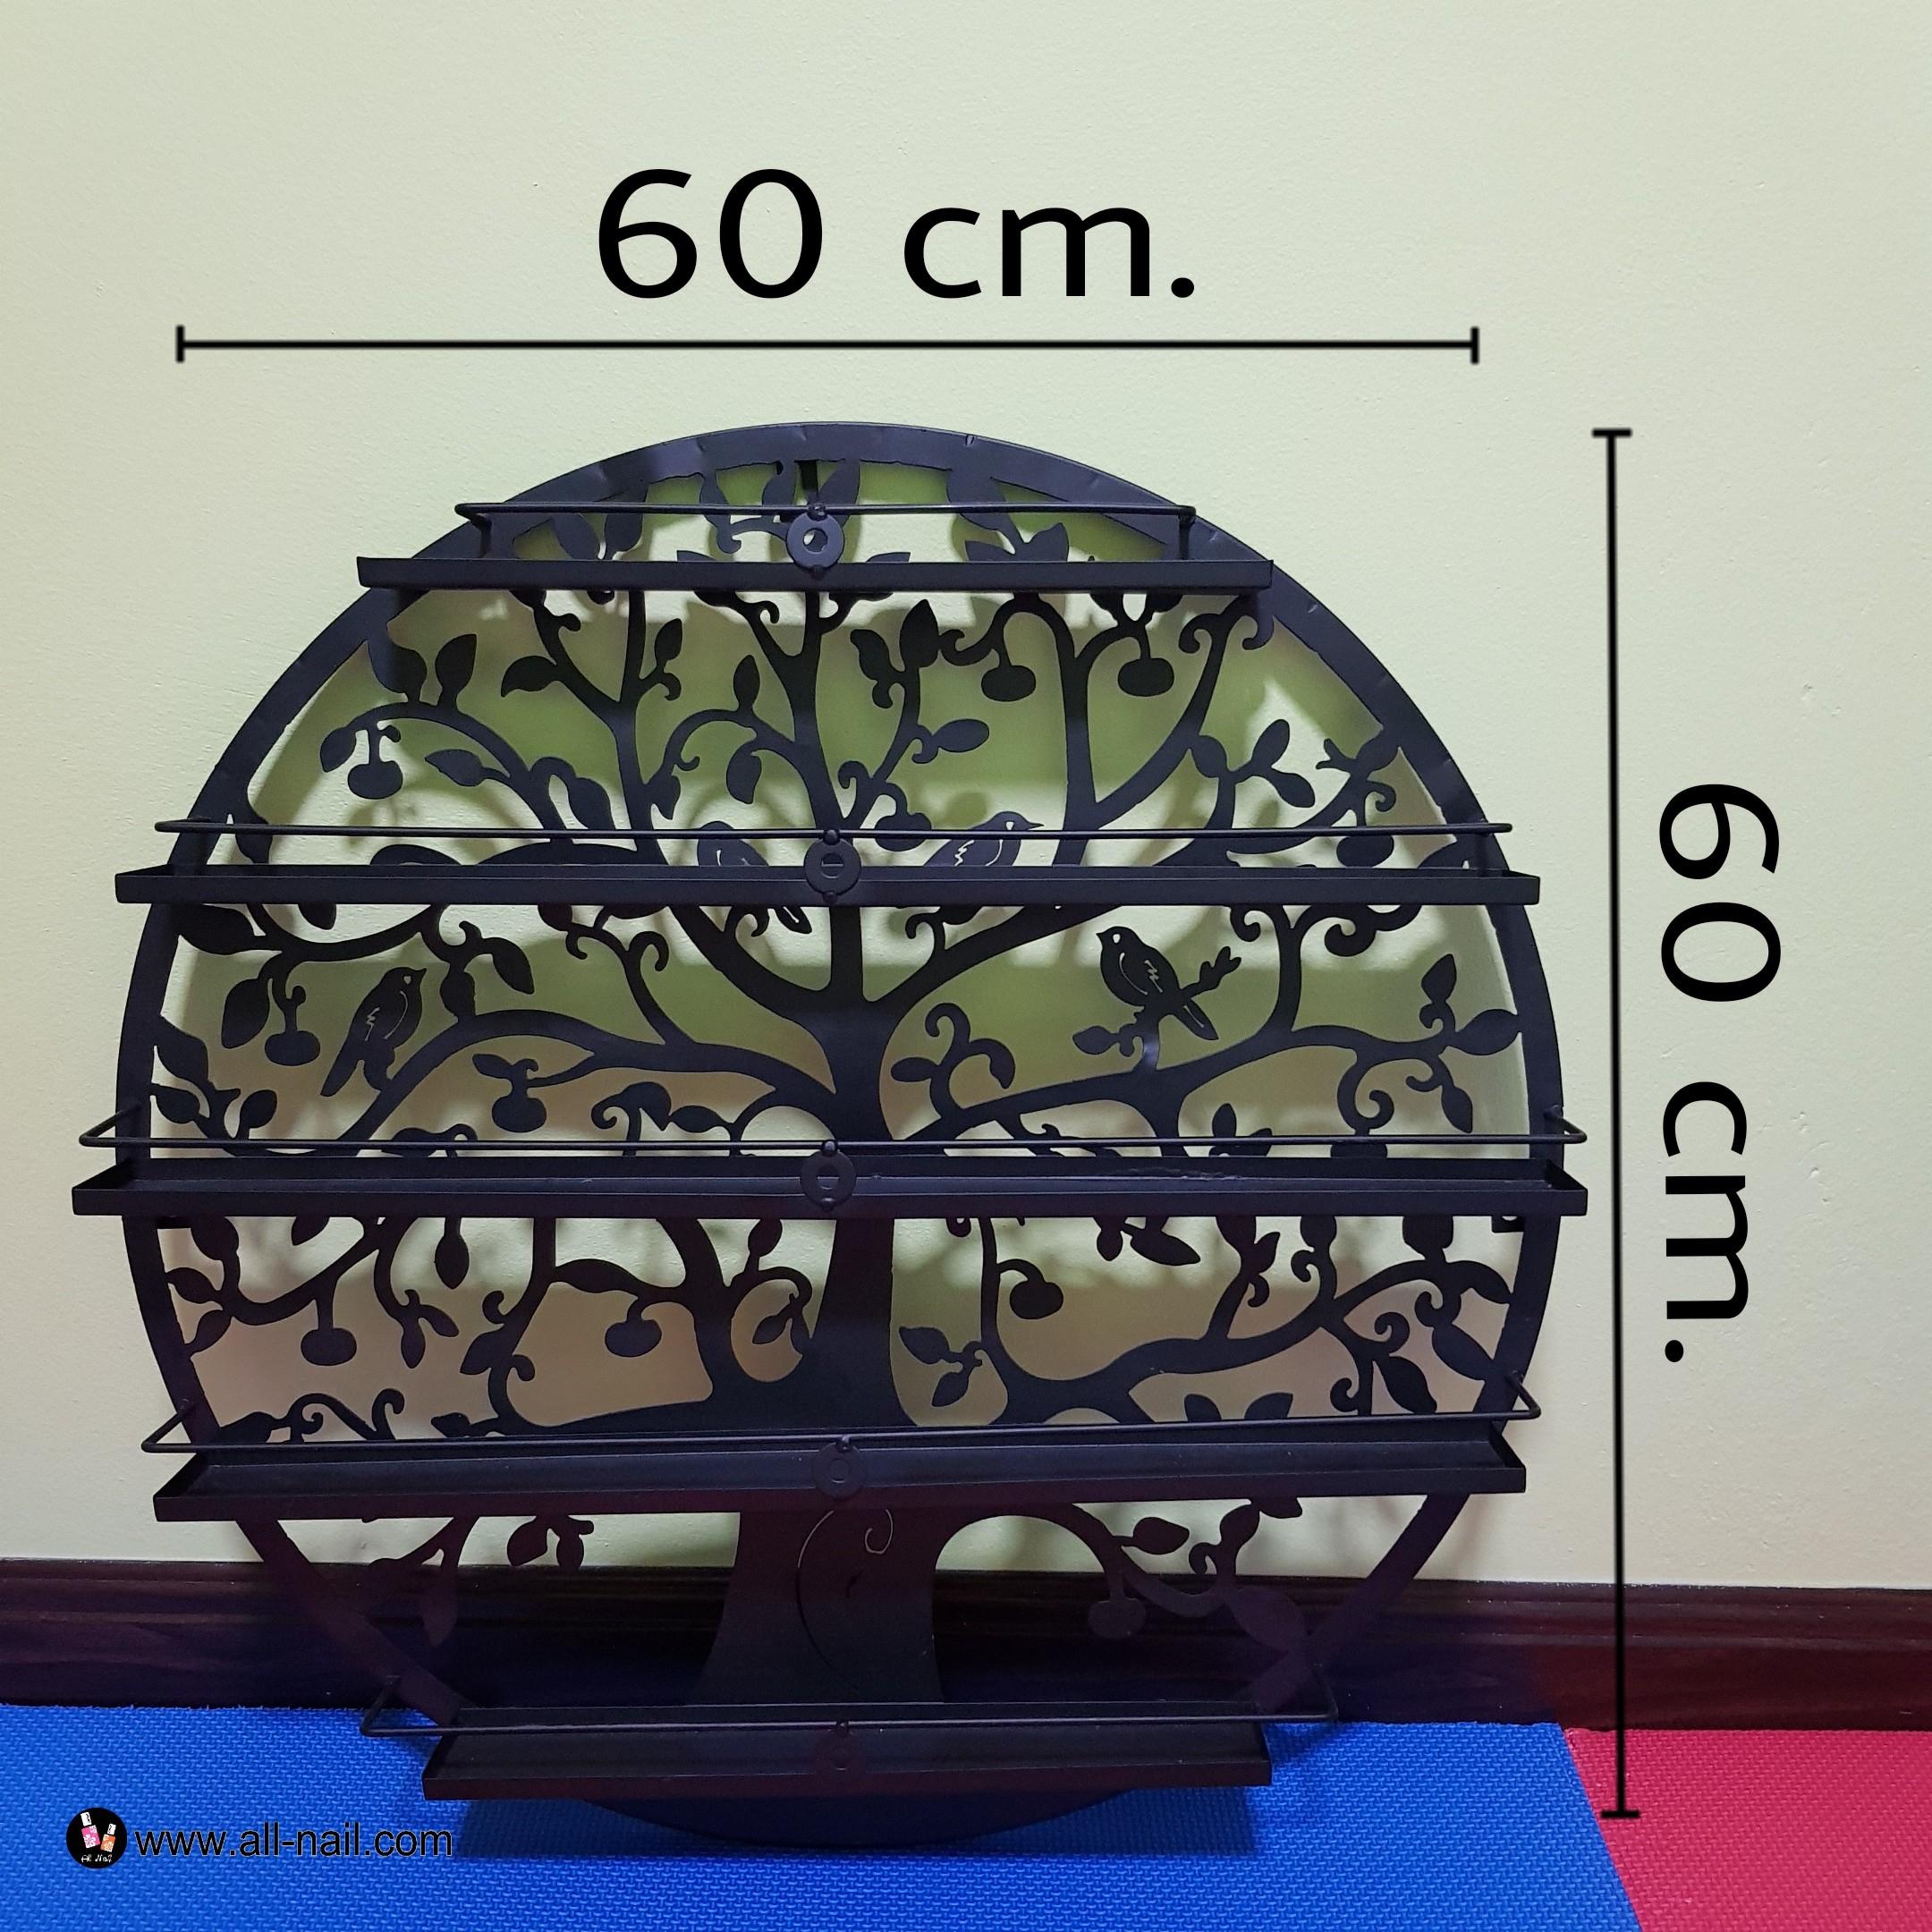 ชั้นวางสีทาเล็บ (ขนาด60cm.)